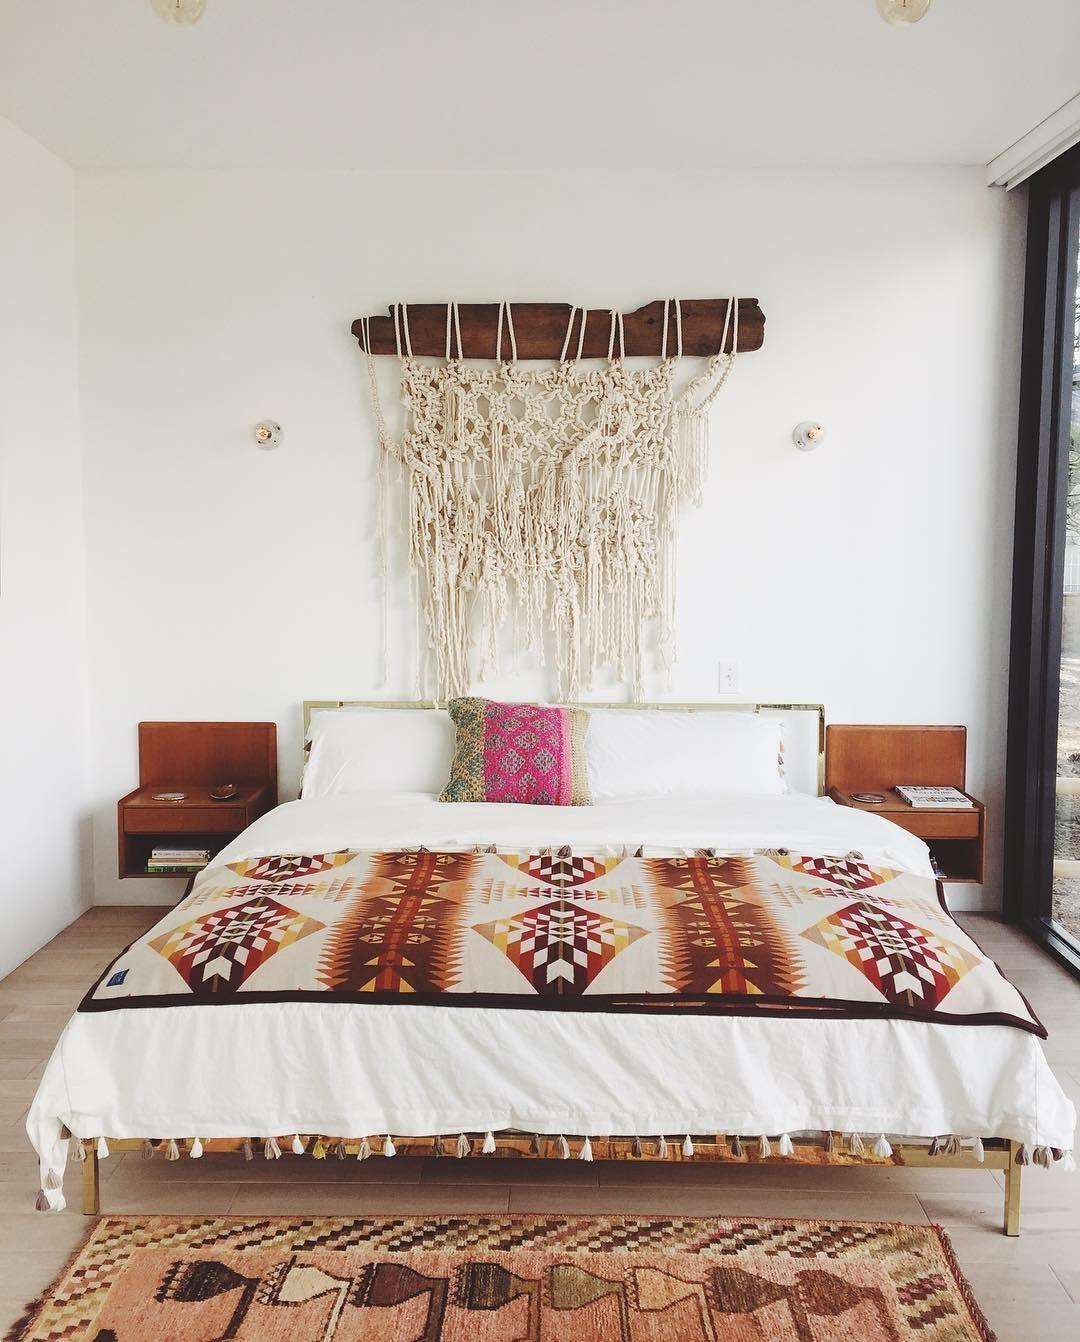 Como decorar tu habitacion sin gastar dinero affordable for Como decorar una habitacion sin gastar dinero